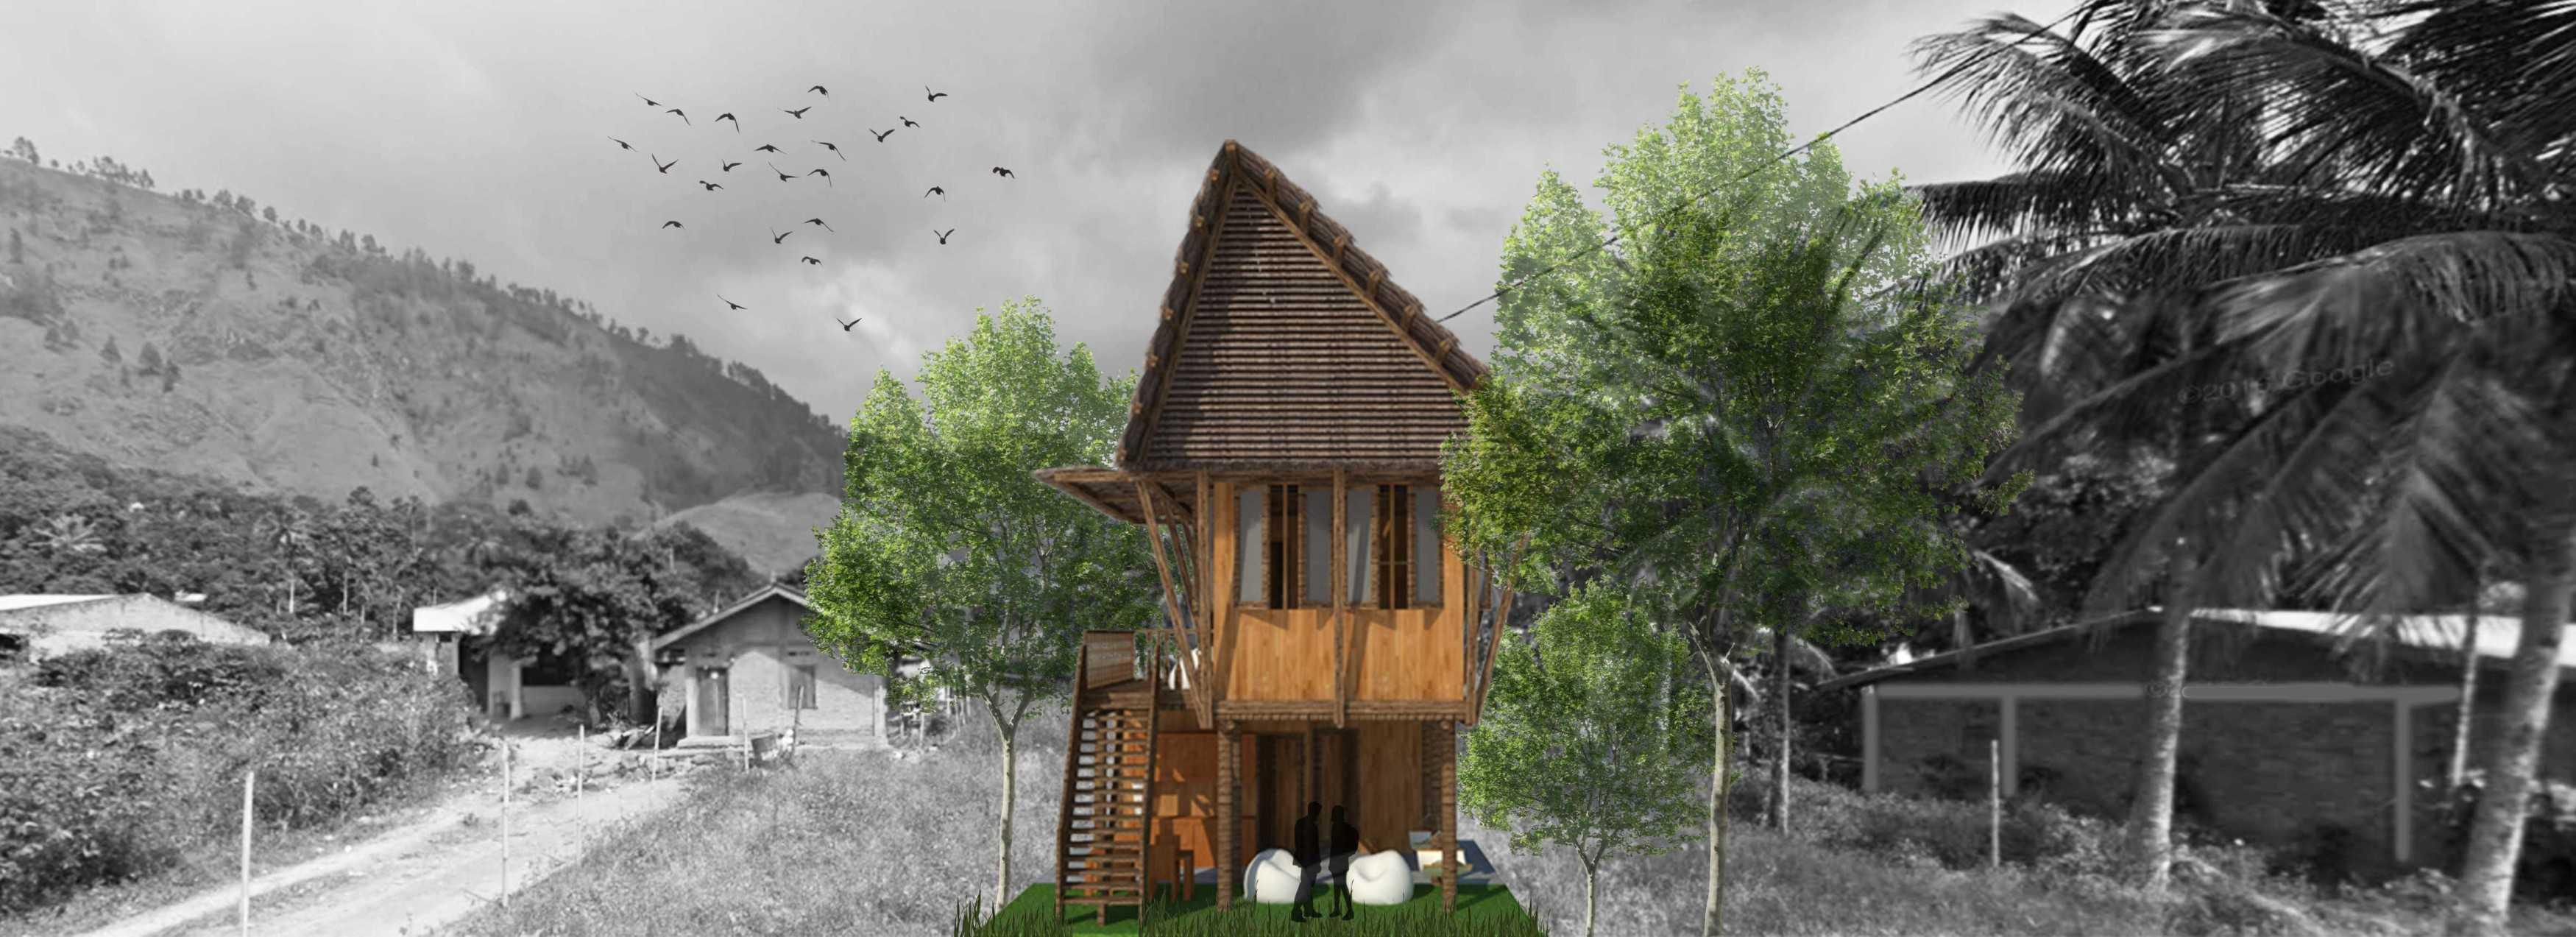 Virr Studio Rumah Tongging Homestay Lake Toba, Indonesia Lake Toba, Indonesia 3D-Exterior-Utama Tradisional,tropis  30699